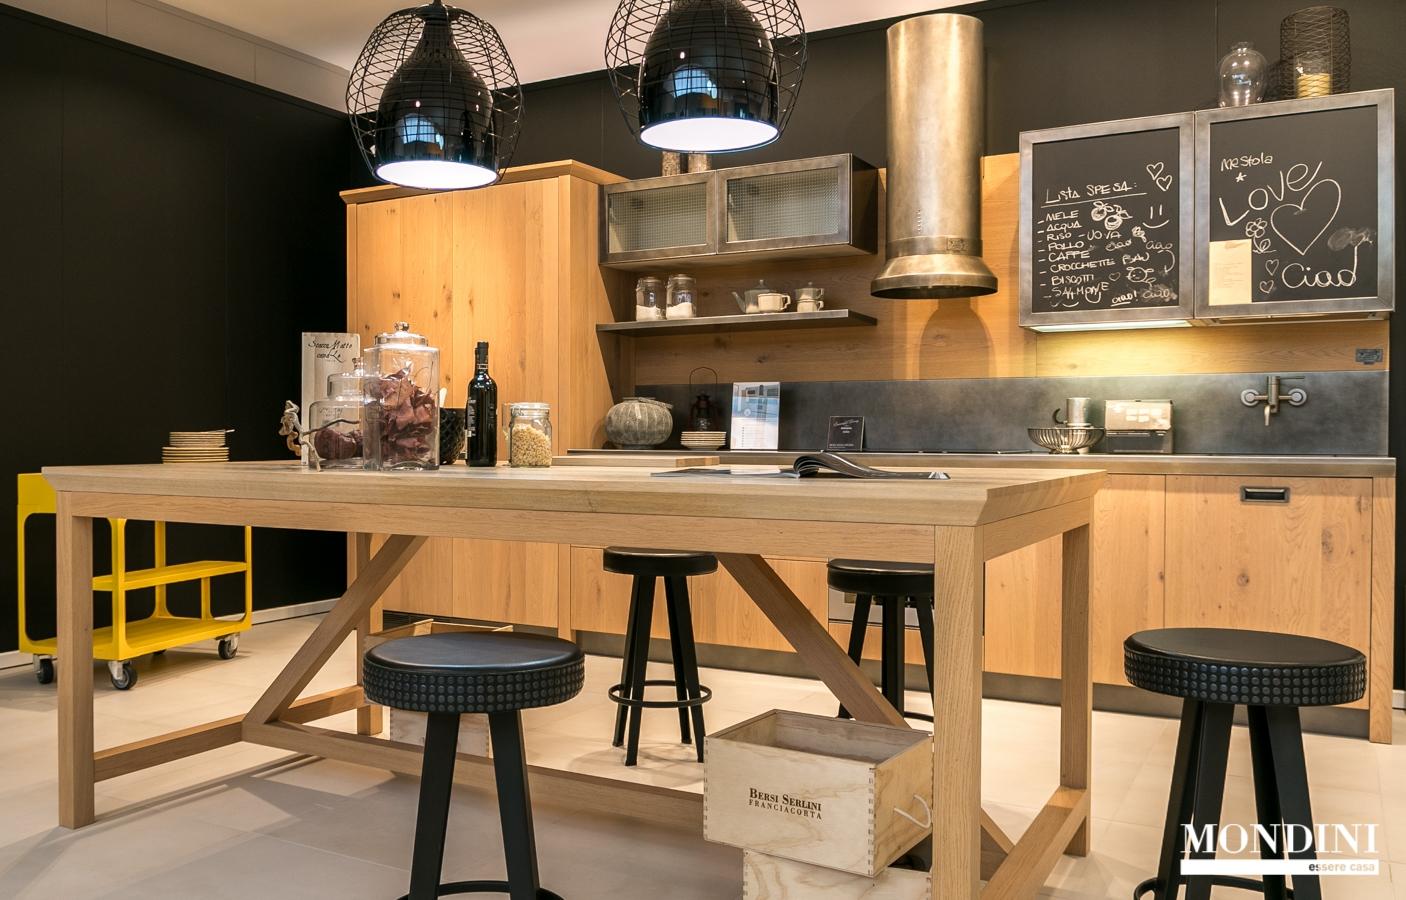 Mercatone uno tavoli rotondo - Mercatone uno mobili cucine ...